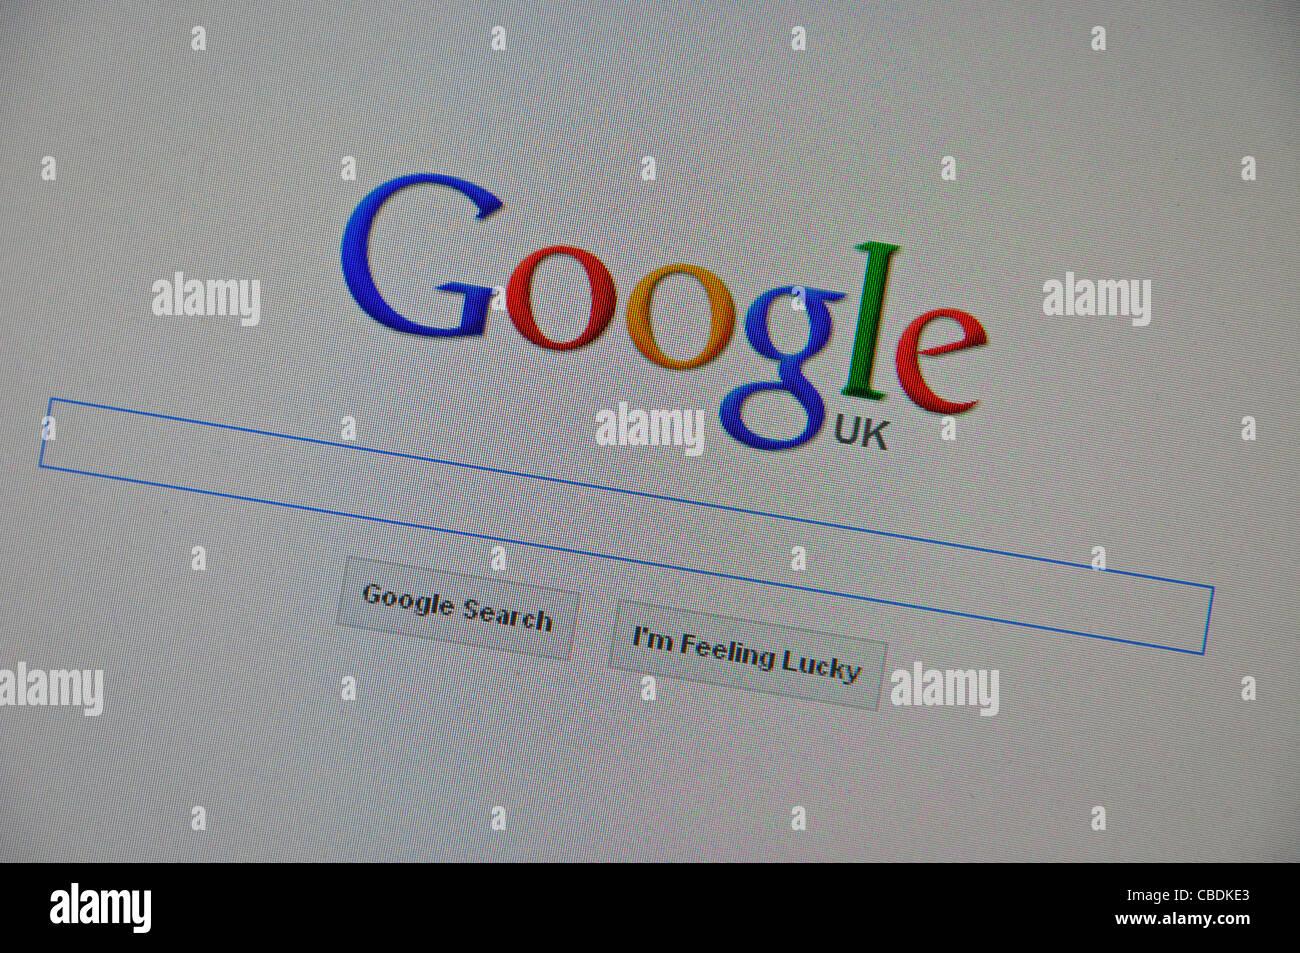 La page de recherche Google sur l'écran d'ordinateur, Greater London, Angleterre, Royaume-Uni Photo Stock